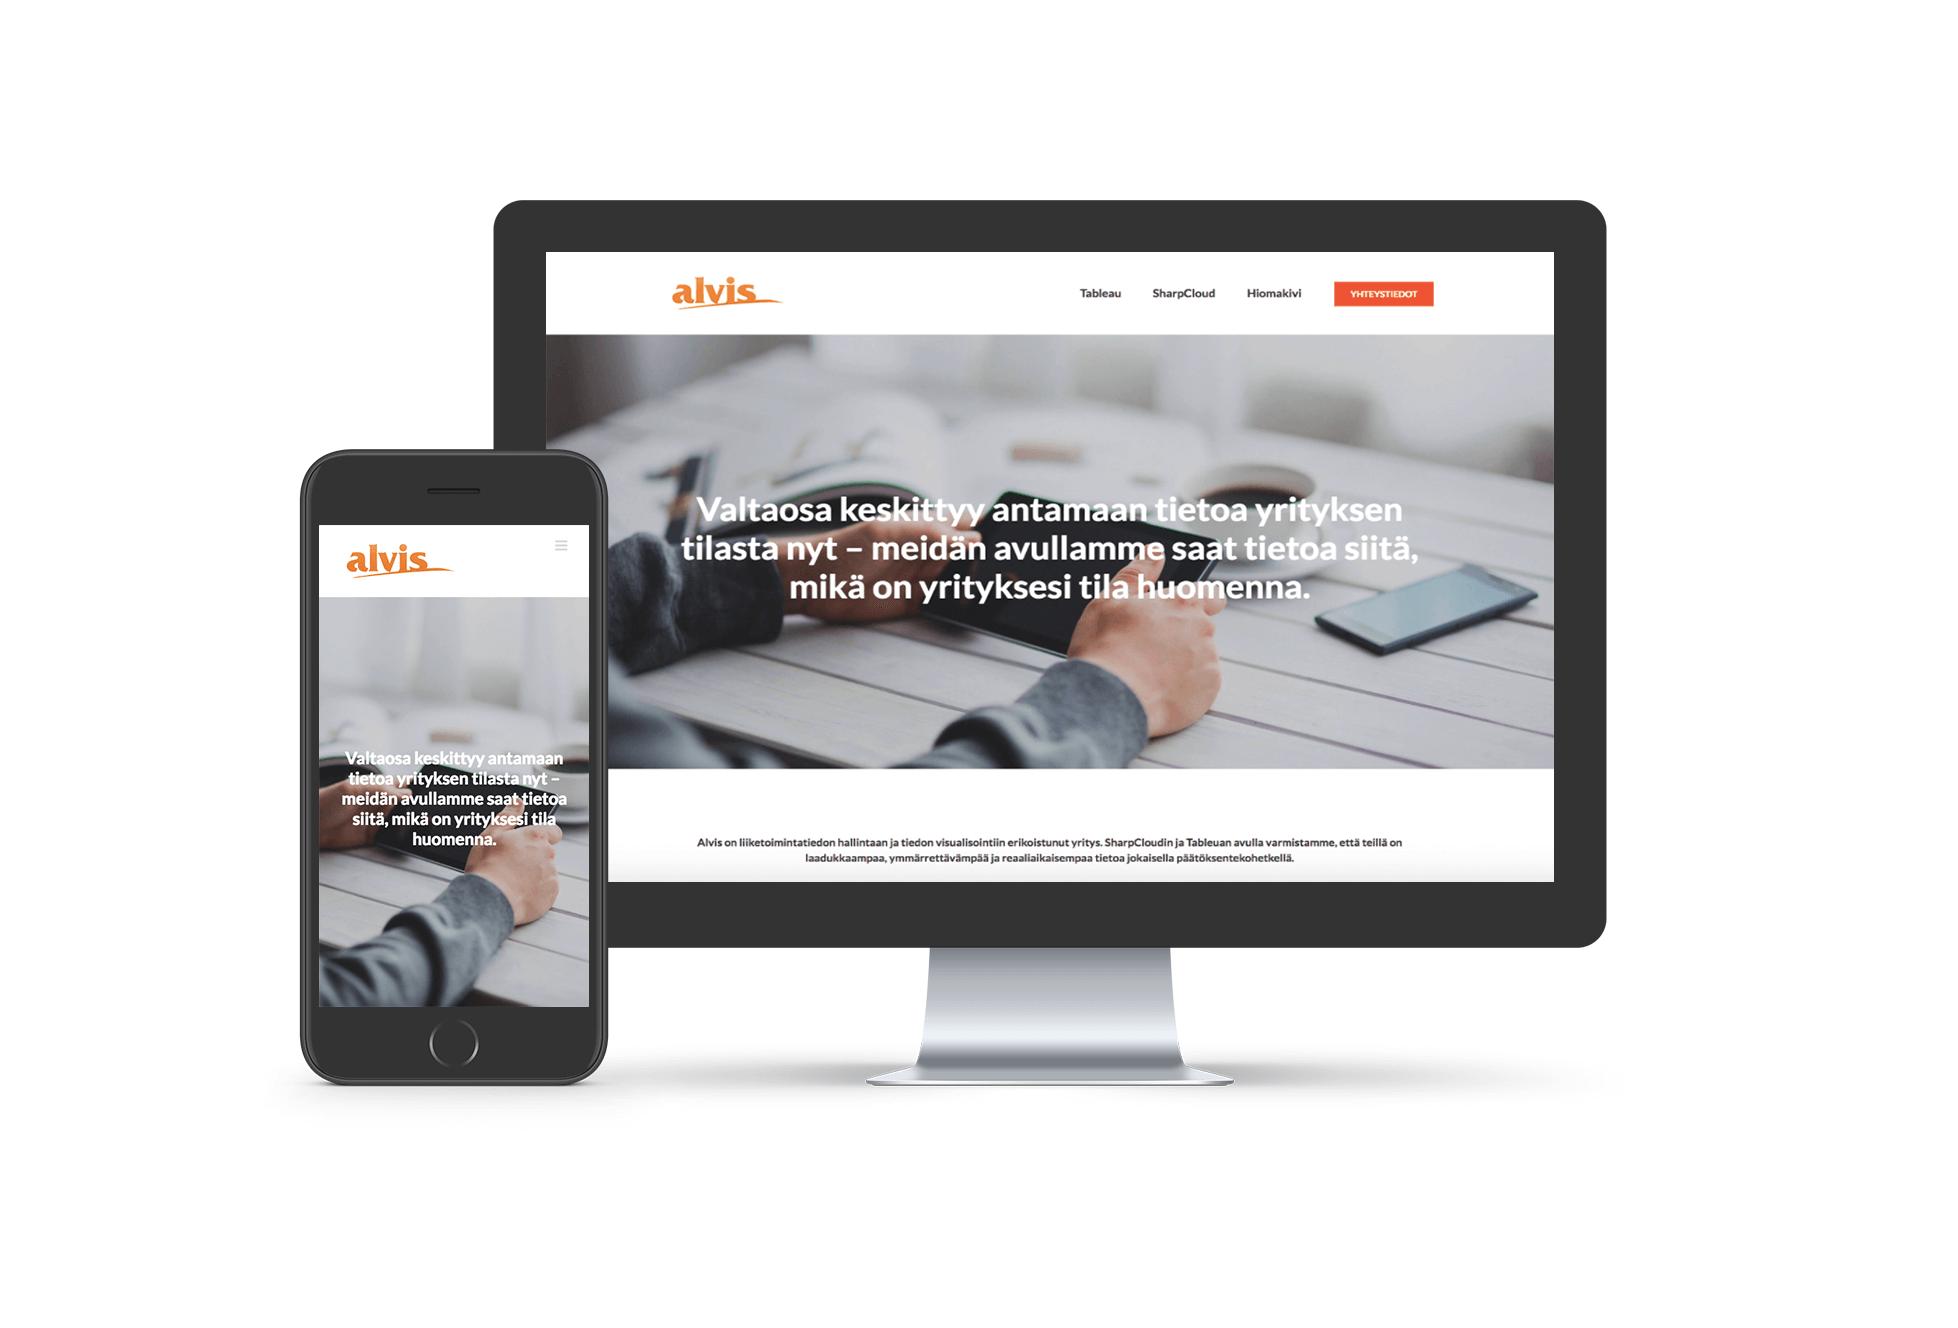 Alvis-verkkosivut